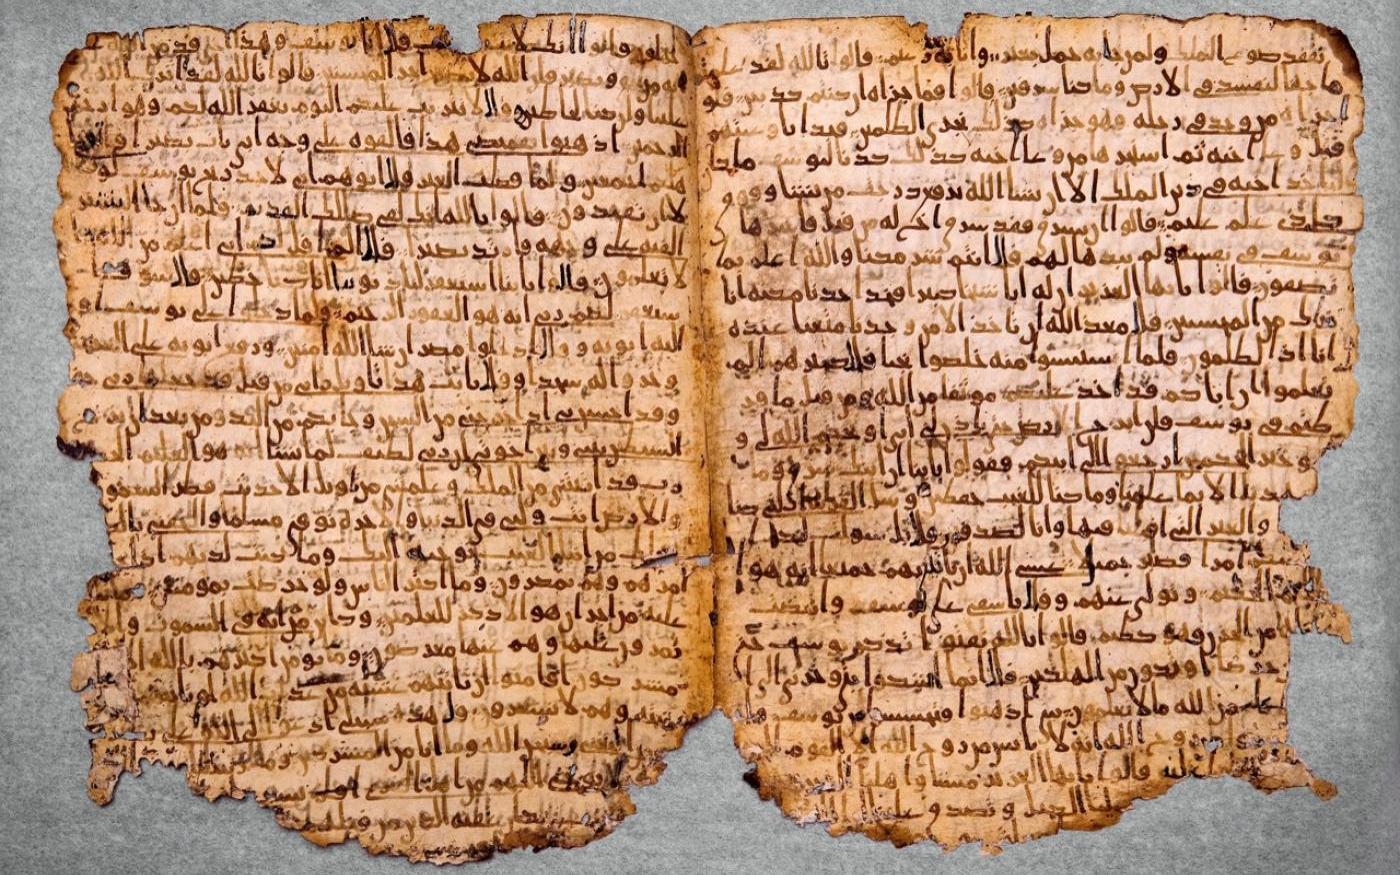 Une copie du Coran, qui daterait de la fin du VIIe siècle (Musée d'art islamique, Qatar)